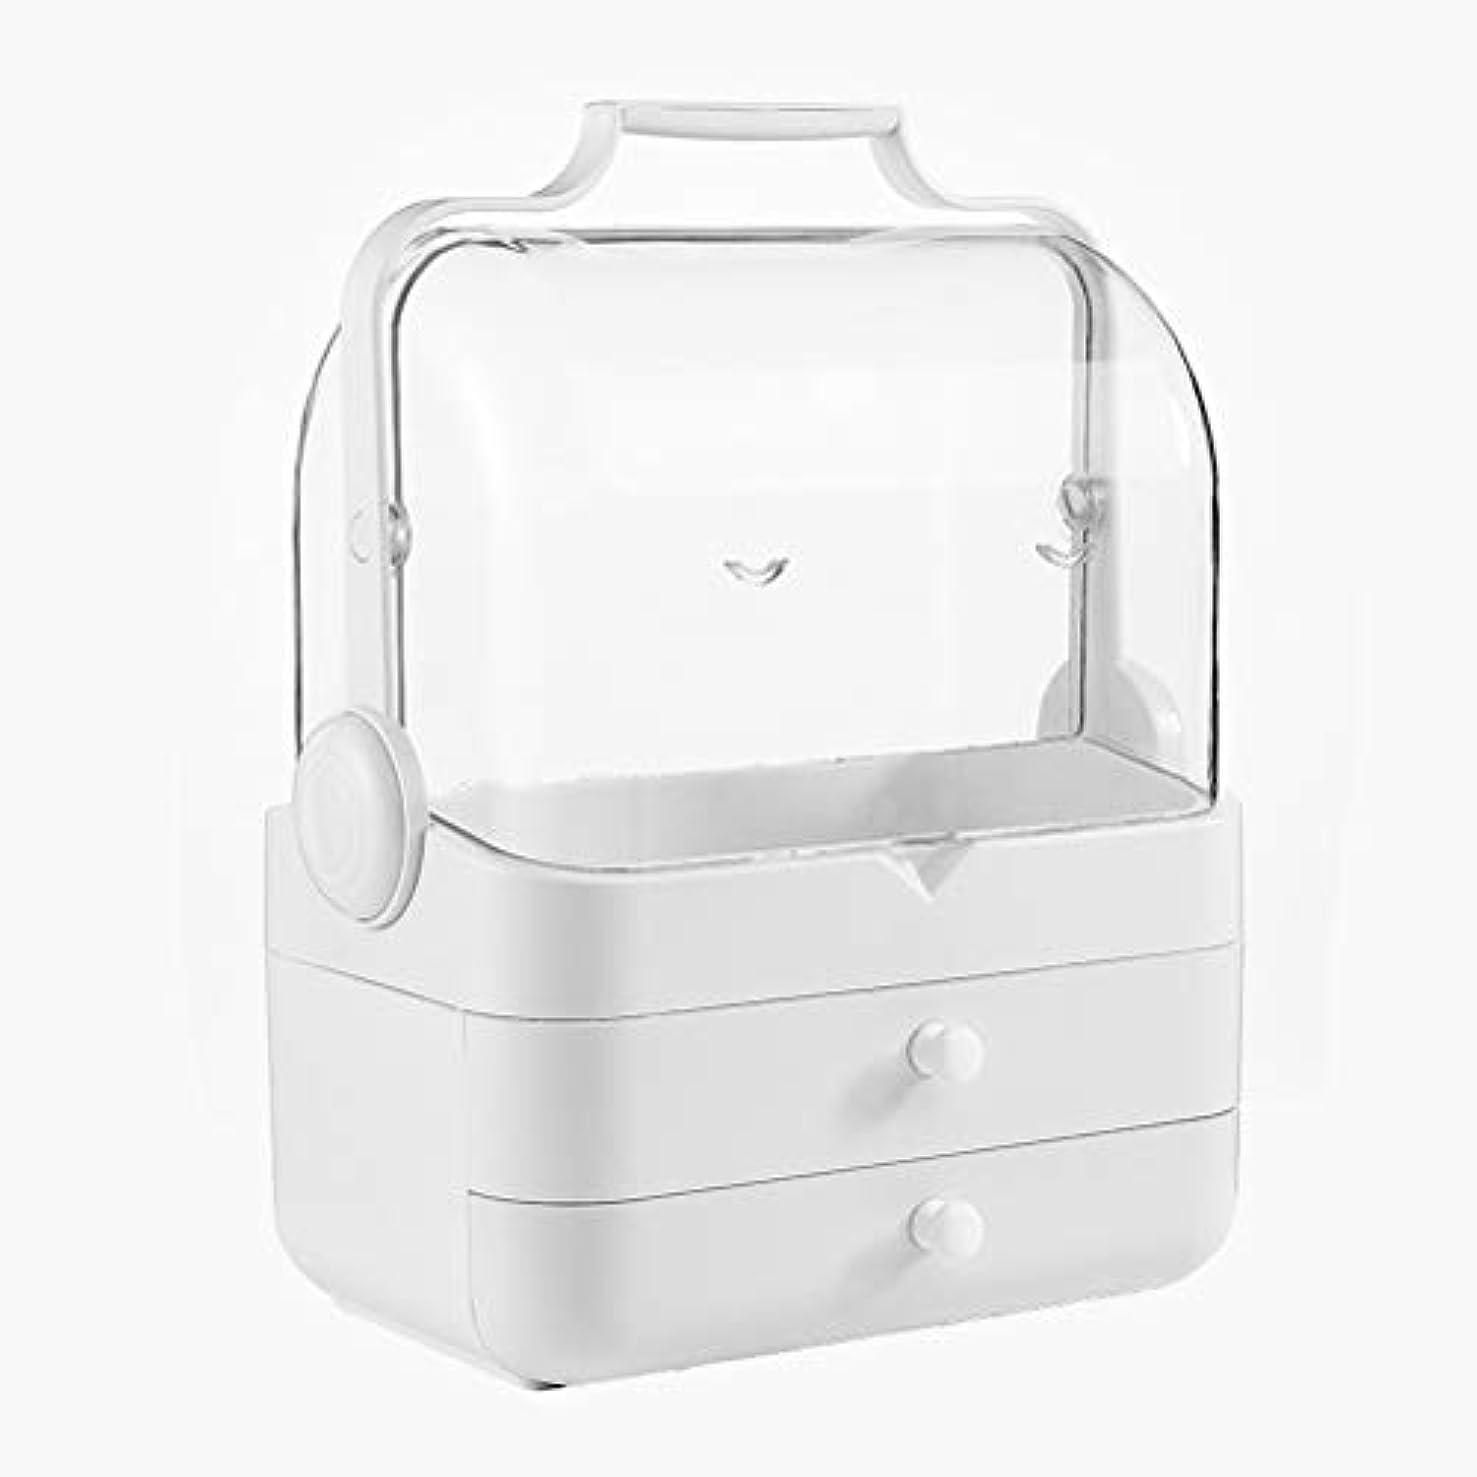 眉をひそめるほうきリーク化粧品収納ボックス コスメボックス メイクボックス 多容量 蓋付き 持ち運び 引き出し付き 可愛い 化粧箱 大きめ 防塵防水 オシャレ 可愛い 透明 小物入れ 卓上収納 アクセサリボックス 白